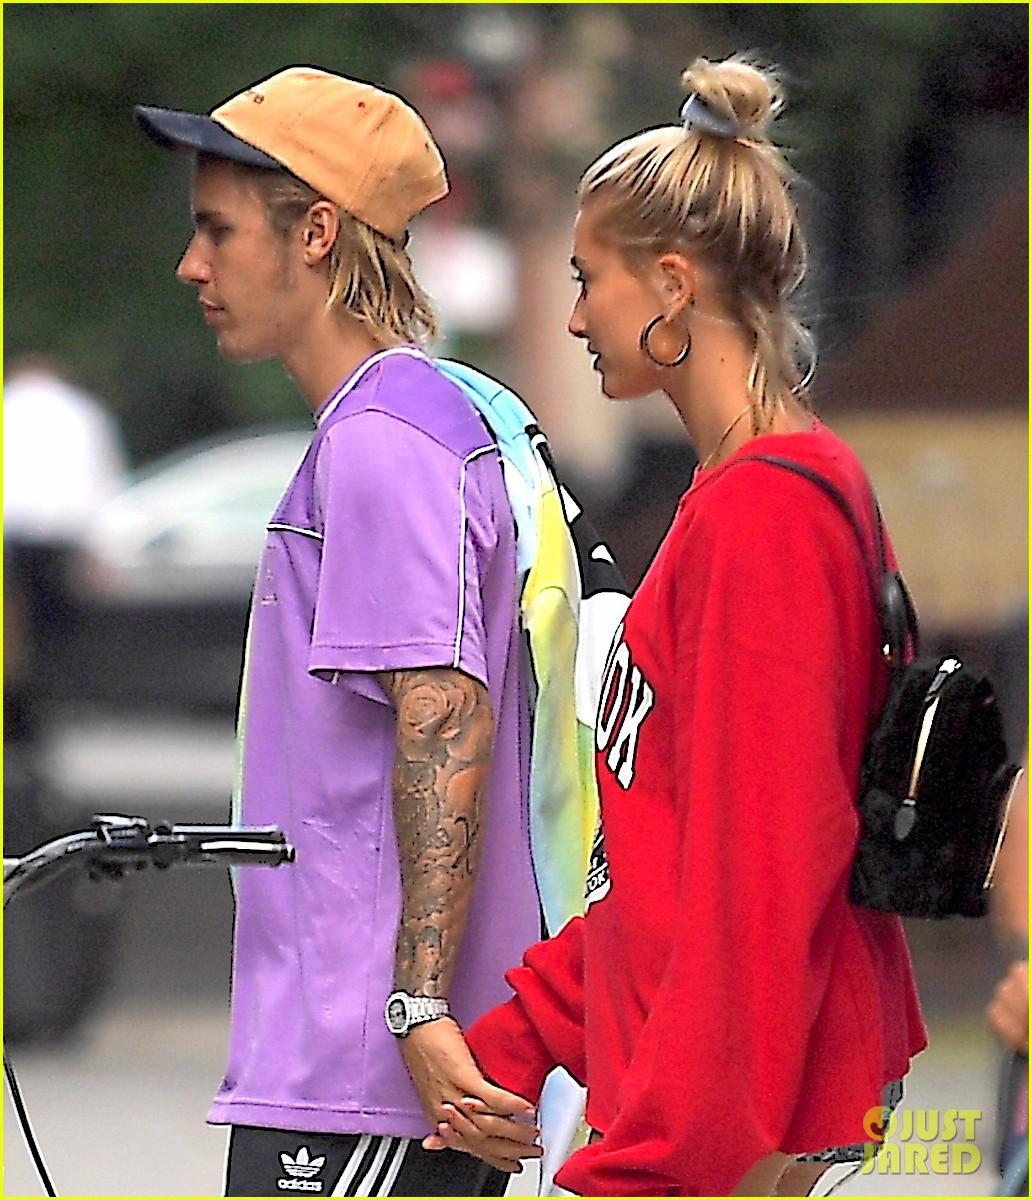 Đính hôn với Hailey, nhan sắc Justin Bieber thay đổi hẳn: Da láng, sạch râu và lúc nào cũng tươi tắn hạnh phúc - Ảnh 9.